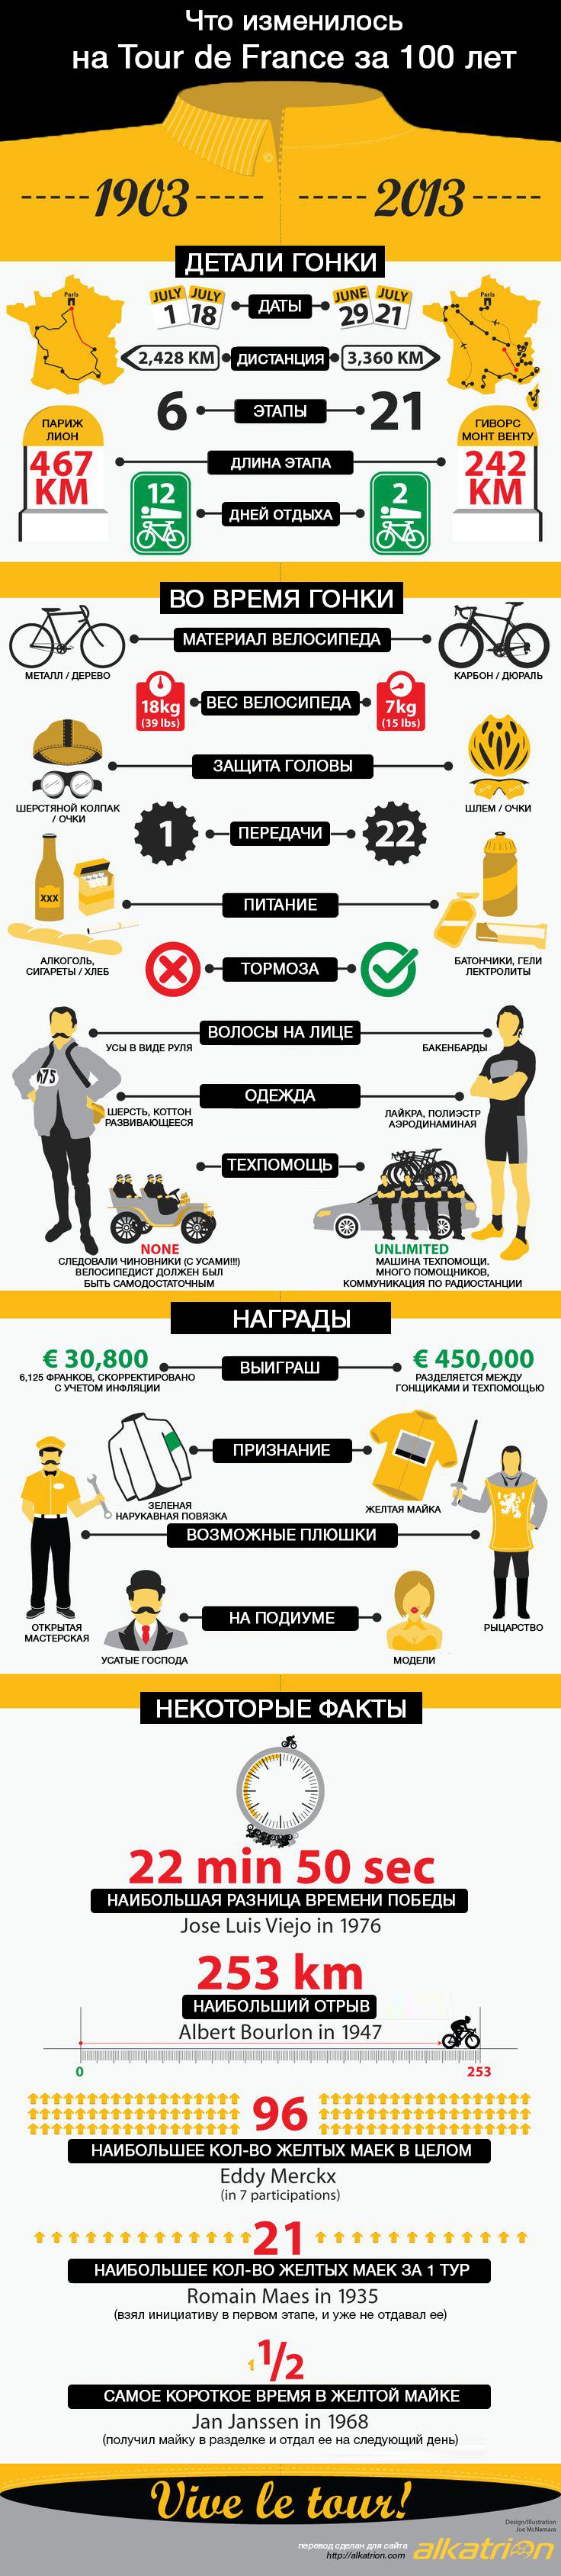 Тур де Франс. Инфографика. Что изменилось за сто лет Tour de France infographics